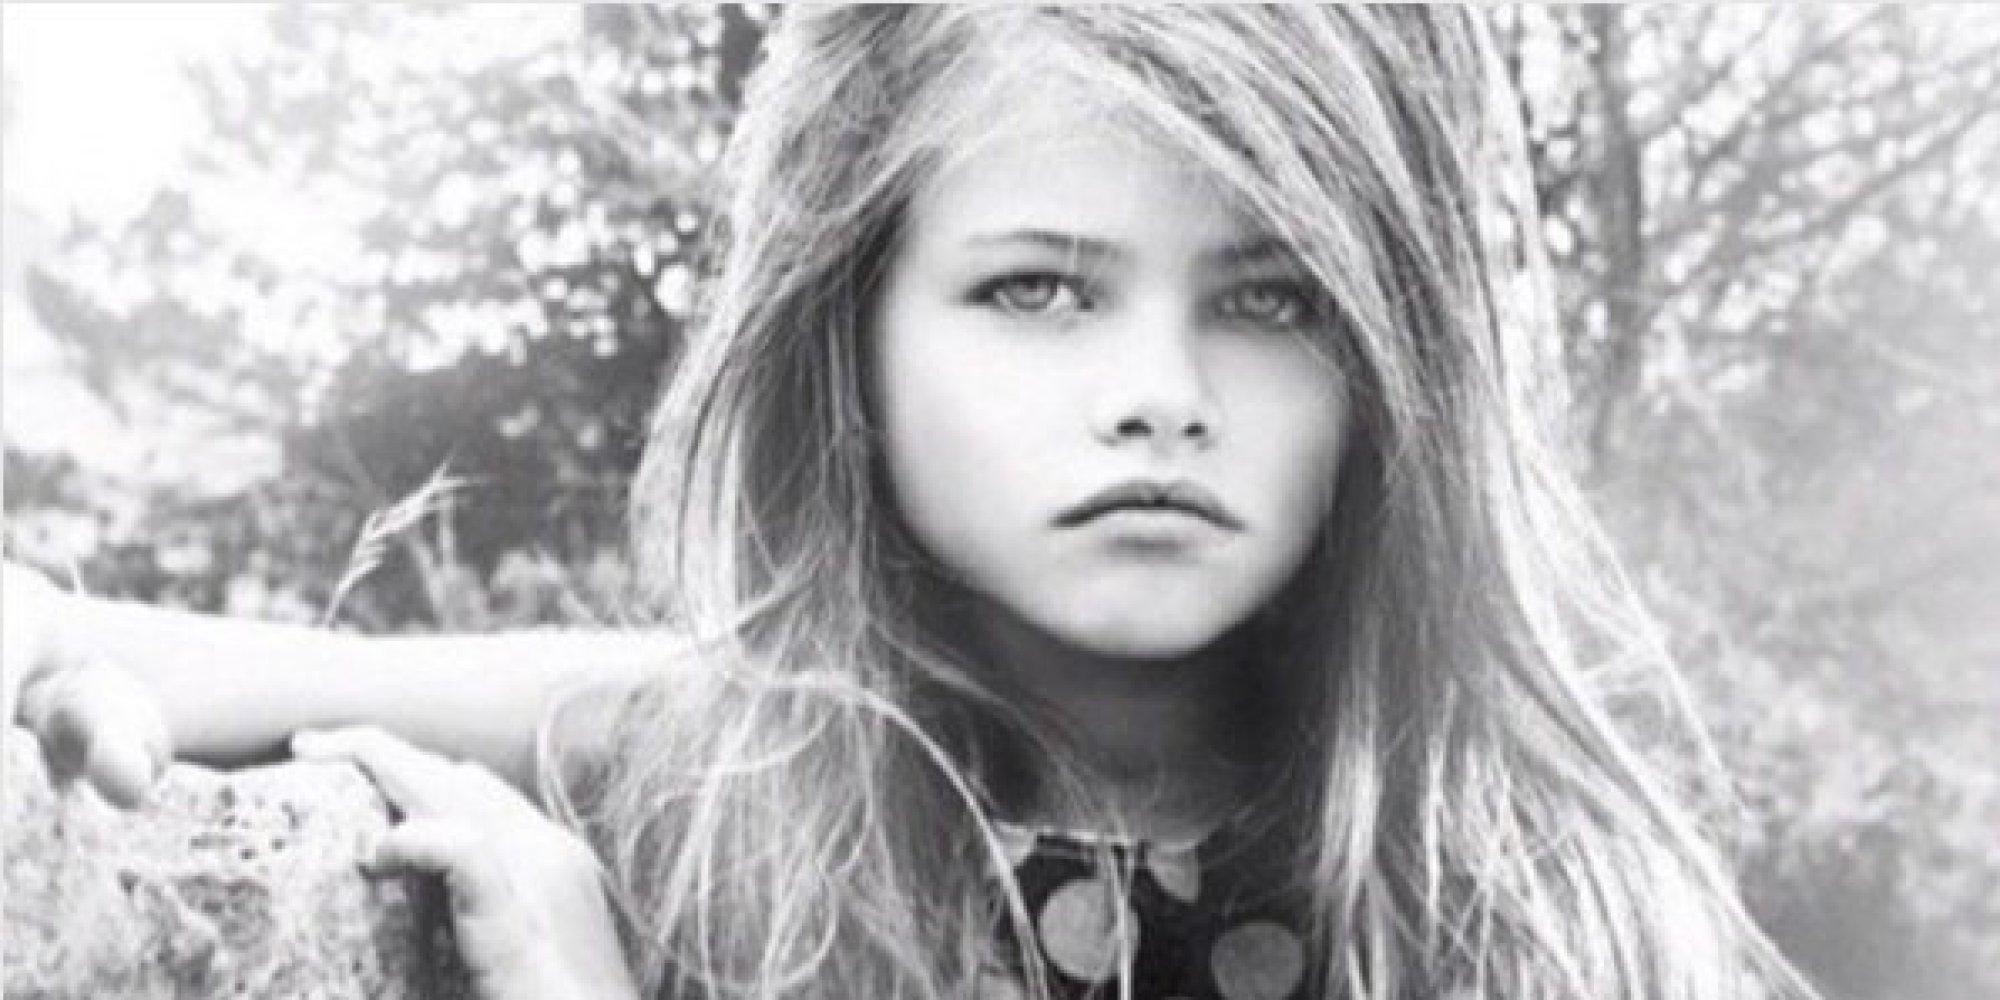 la plus belle petite fille au monde a d sormais 16 ans et d file pour d g. Black Bedroom Furniture Sets. Home Design Ideas